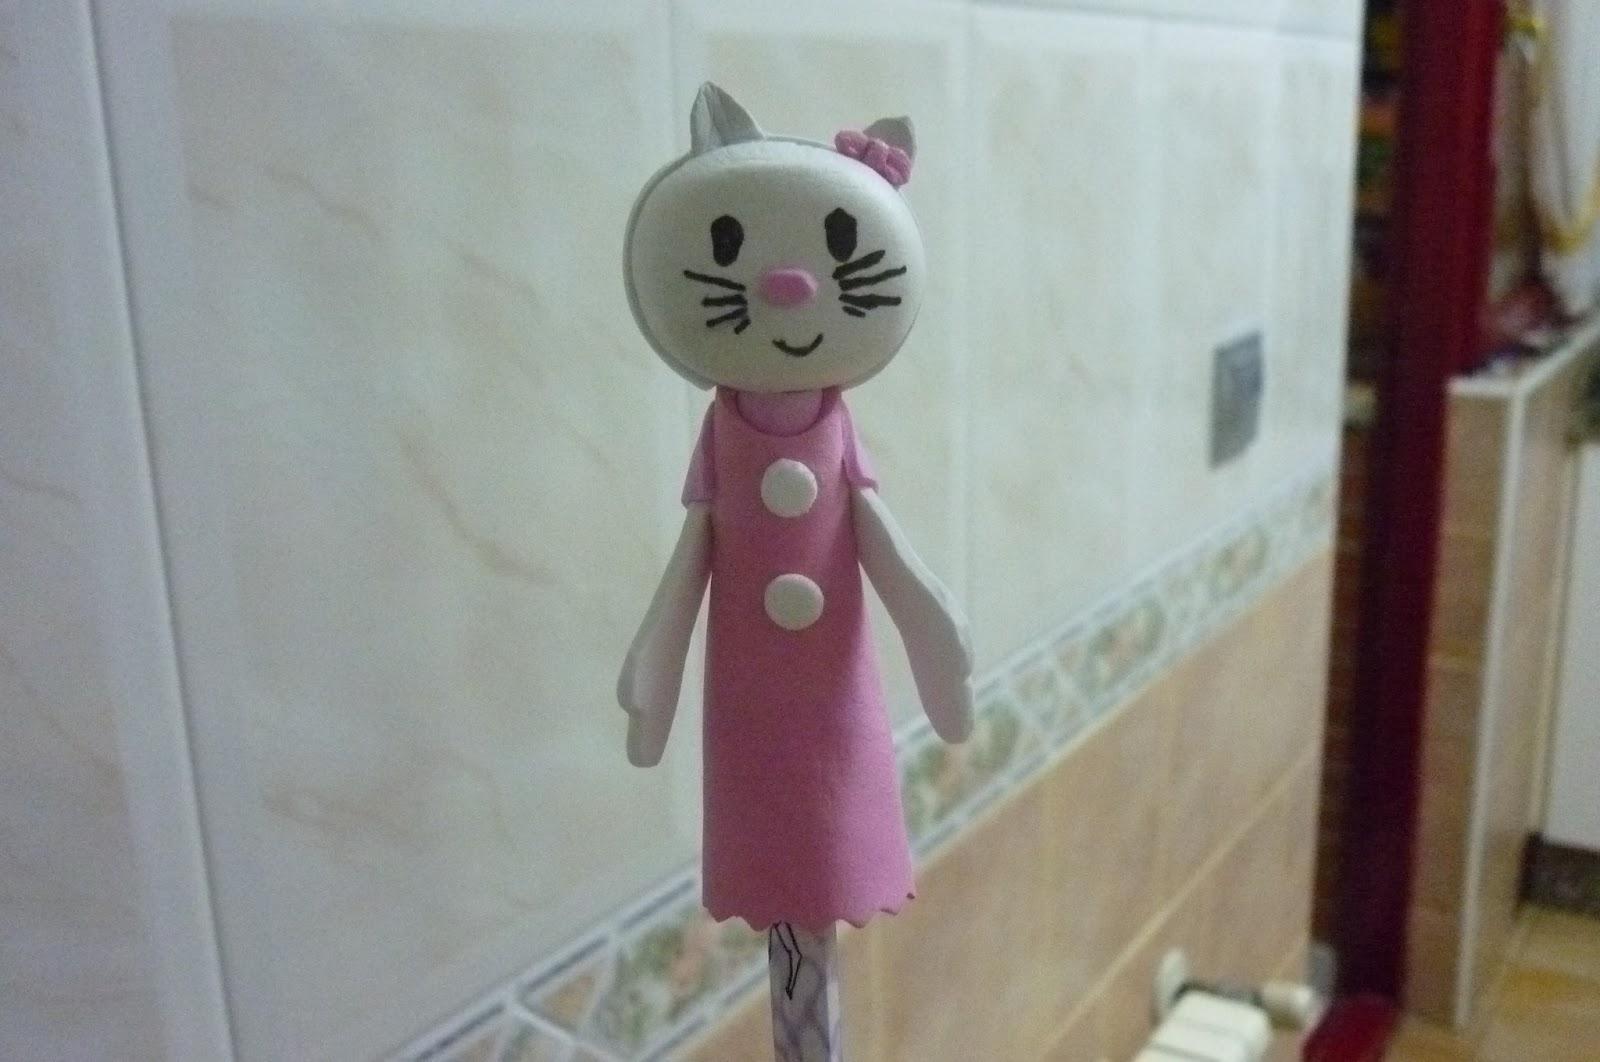 estas muñecas se llaman fofuchas y estan hechas con goma eva